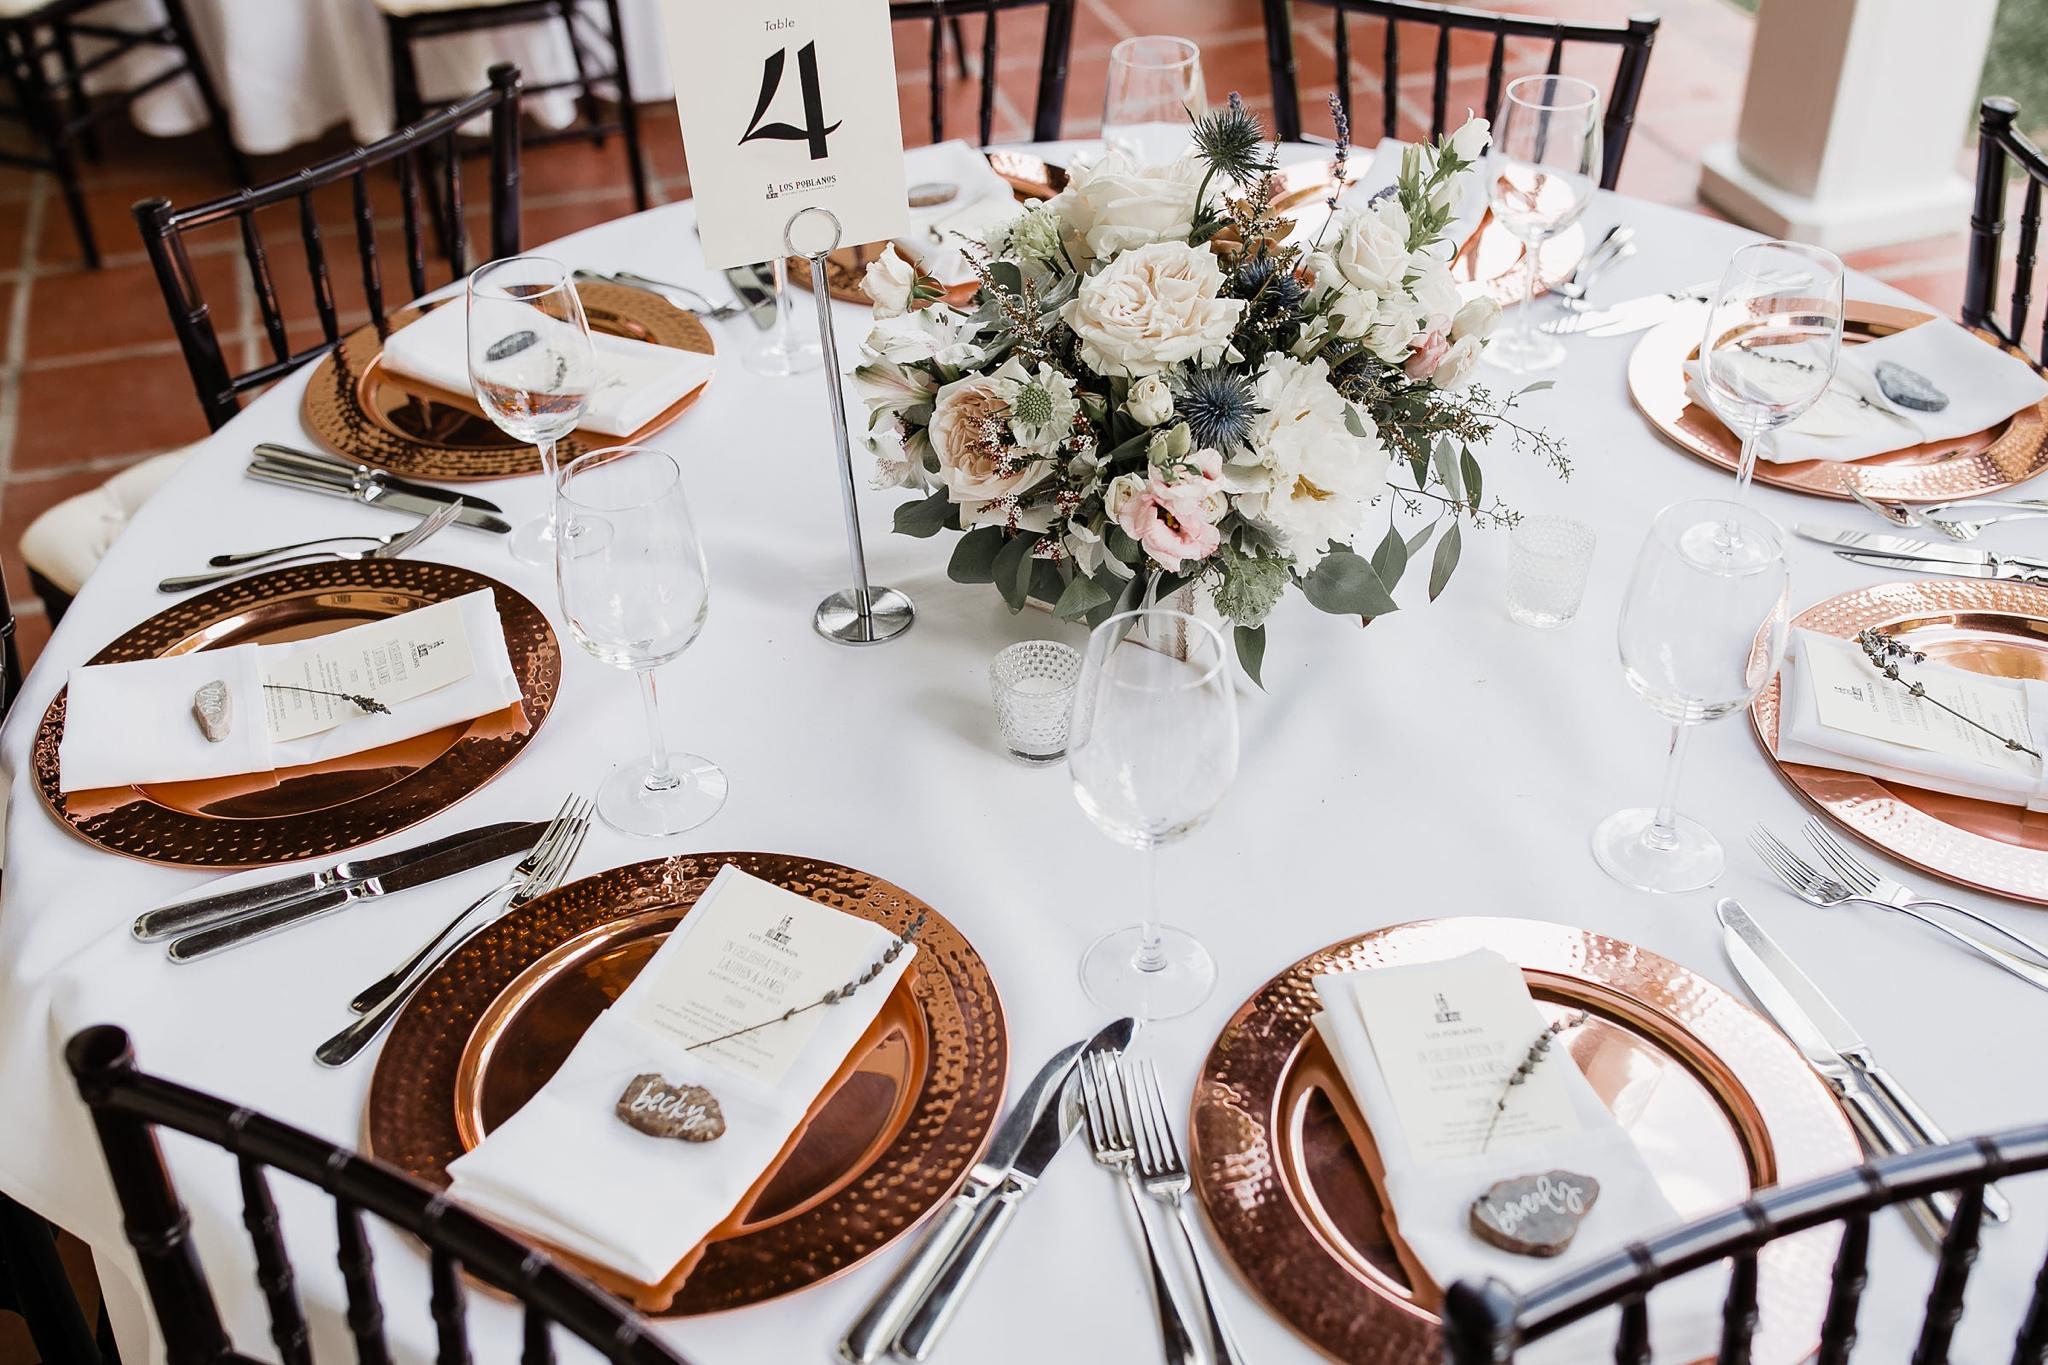 Alicia+lucia+photography+-+albuquerque+wedding+photographer+-+santa+fe+wedding+photography+-+new+mexico+wedding+photographer+-+new+mexico+wedding+-+summer+wedding+-+summer+wedding+florals+-+southwest+wedding_0063.jpg